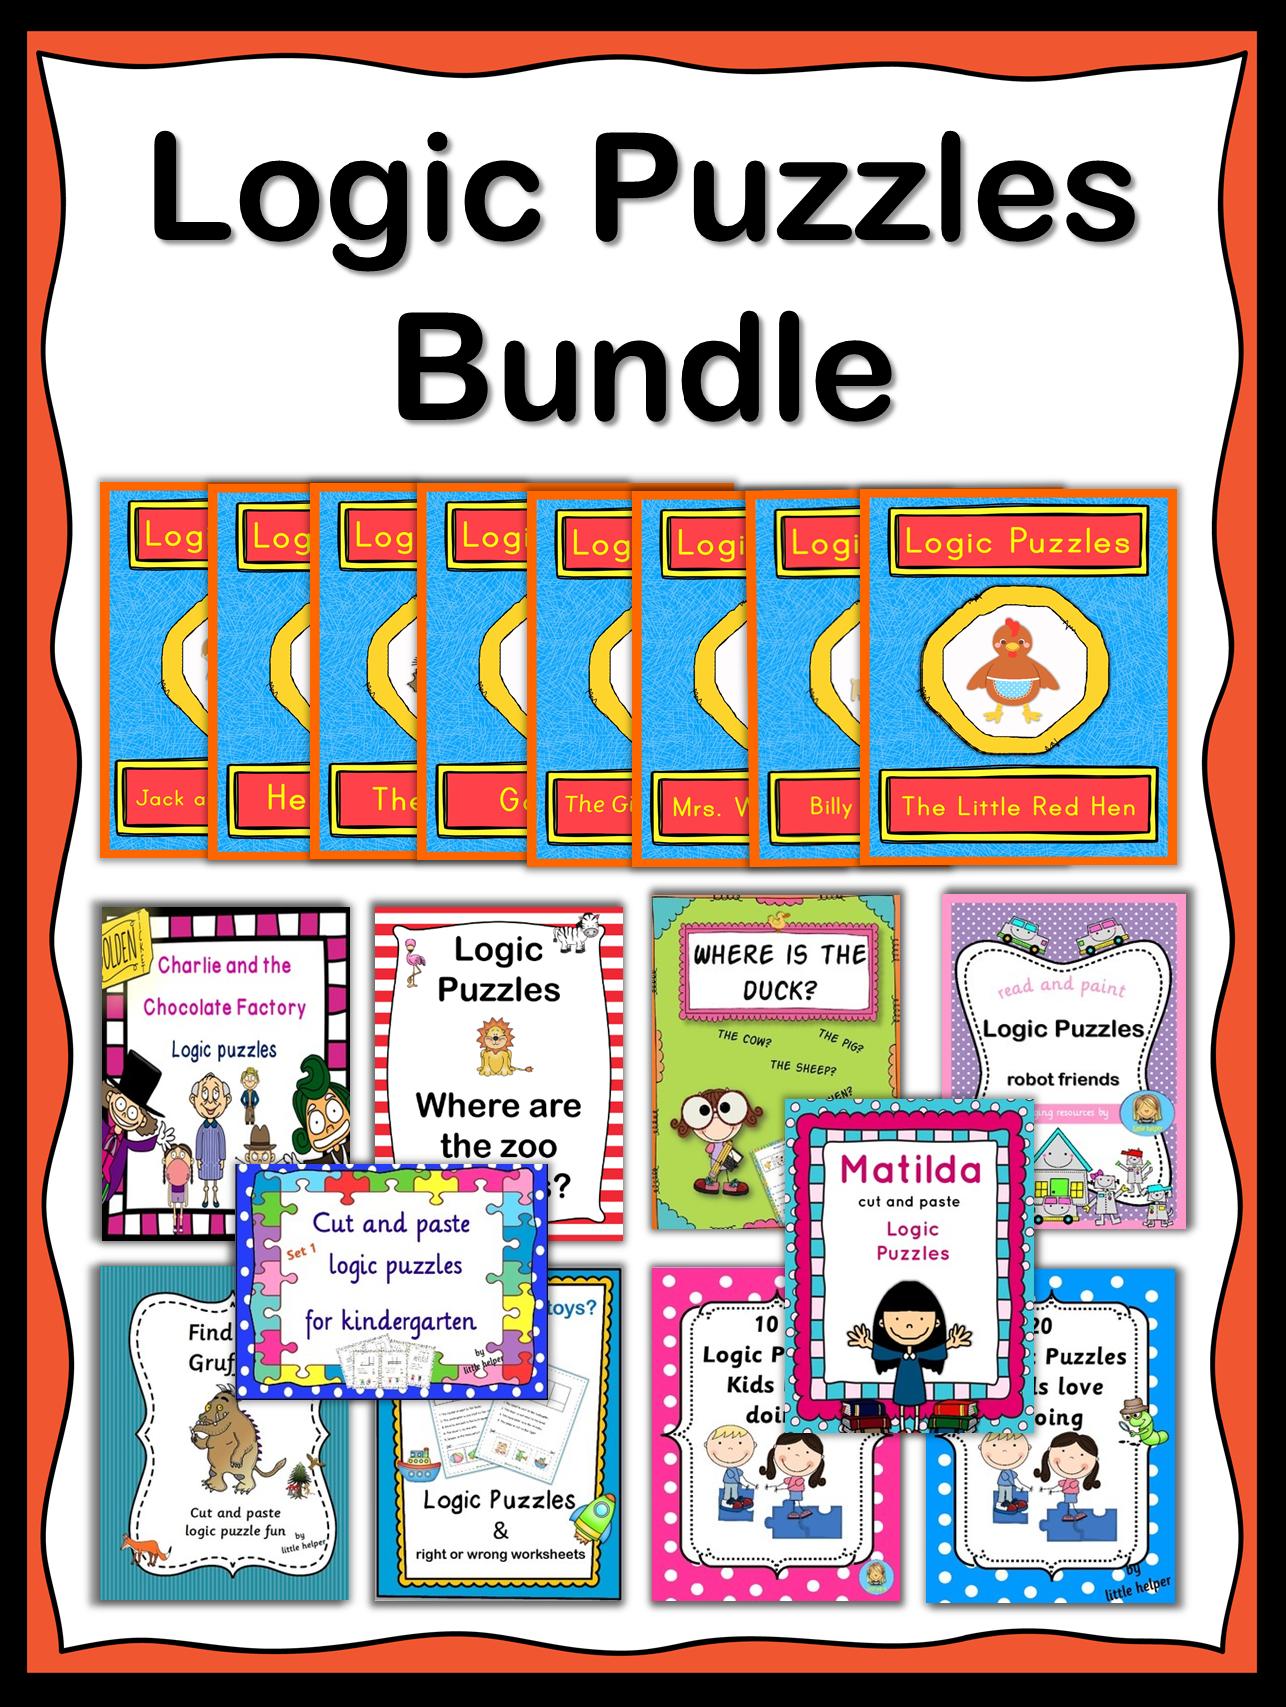 Logic Puzzles Bundle